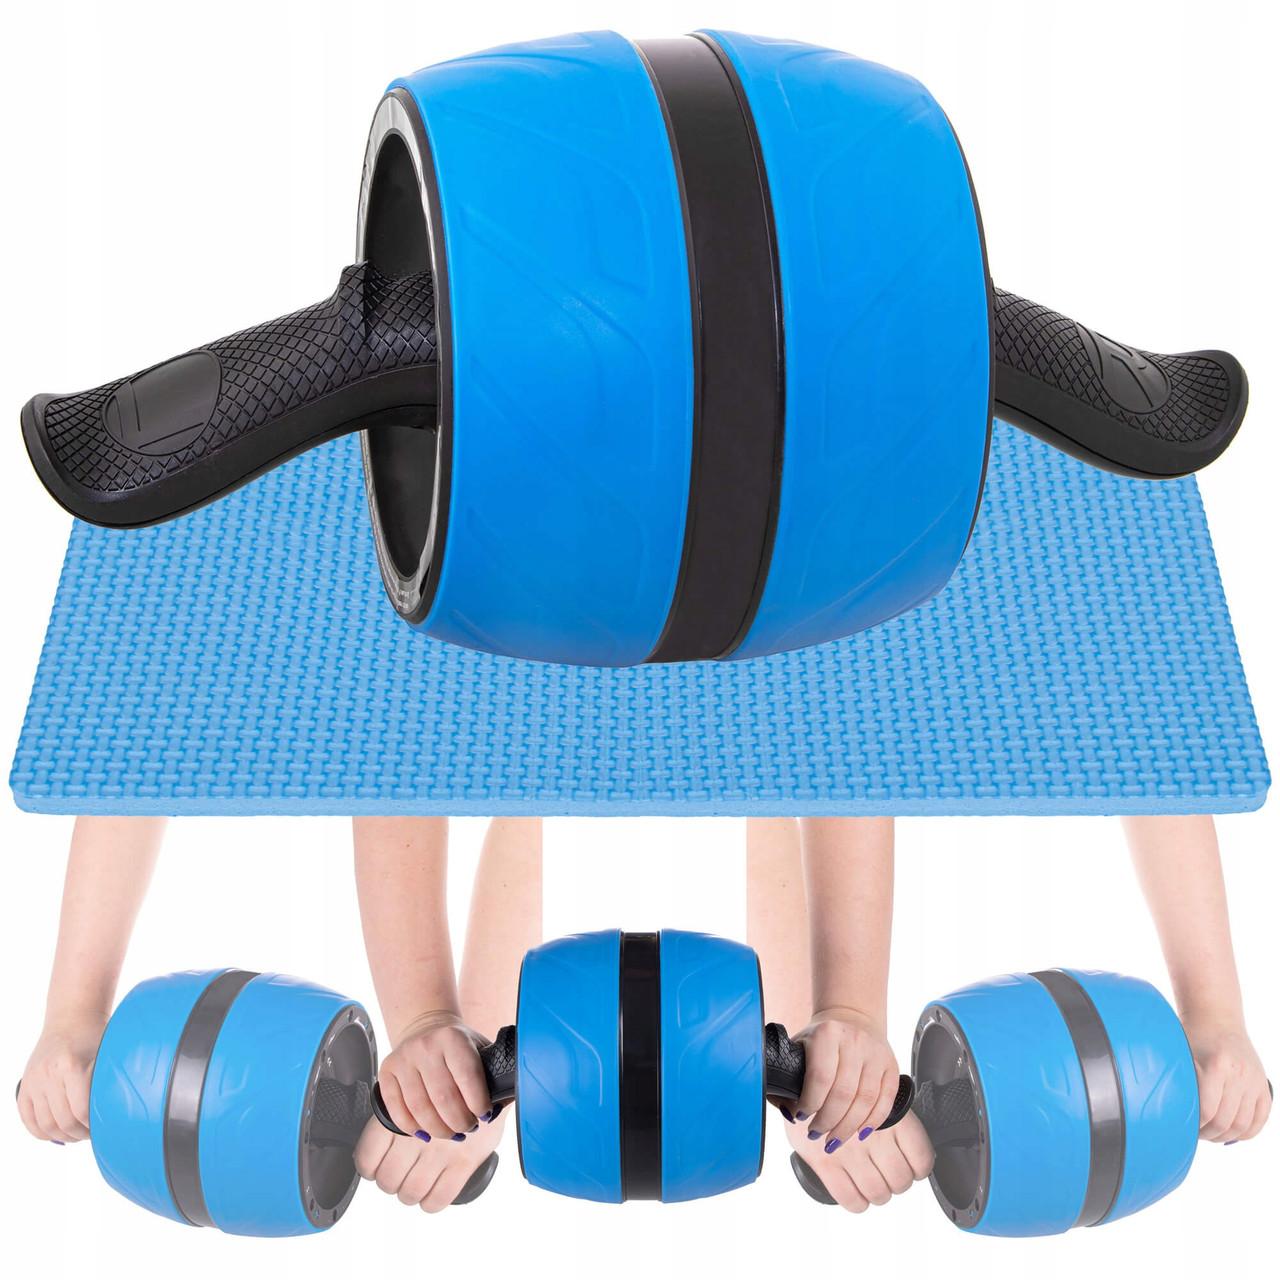 Ролик (колесо) для мышц пресса (живота) с возвратным механизмом Springos AB Wheel FA5000 синий